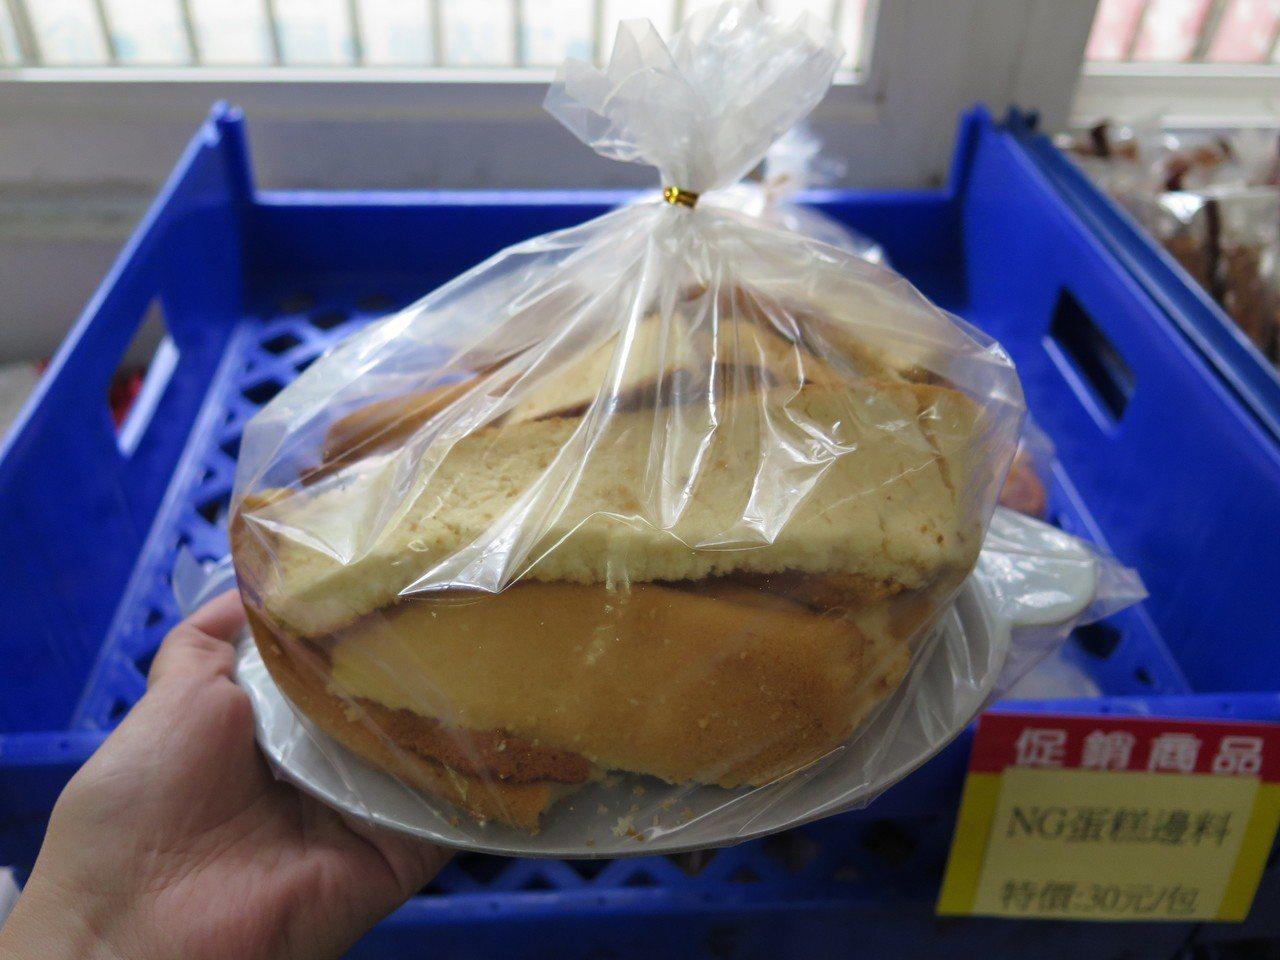 義美食品觀光工廠內烘焙坊陳設NG食品區,有餅乾、蛋糕、餐包等品項,外觀雖有缺損或...